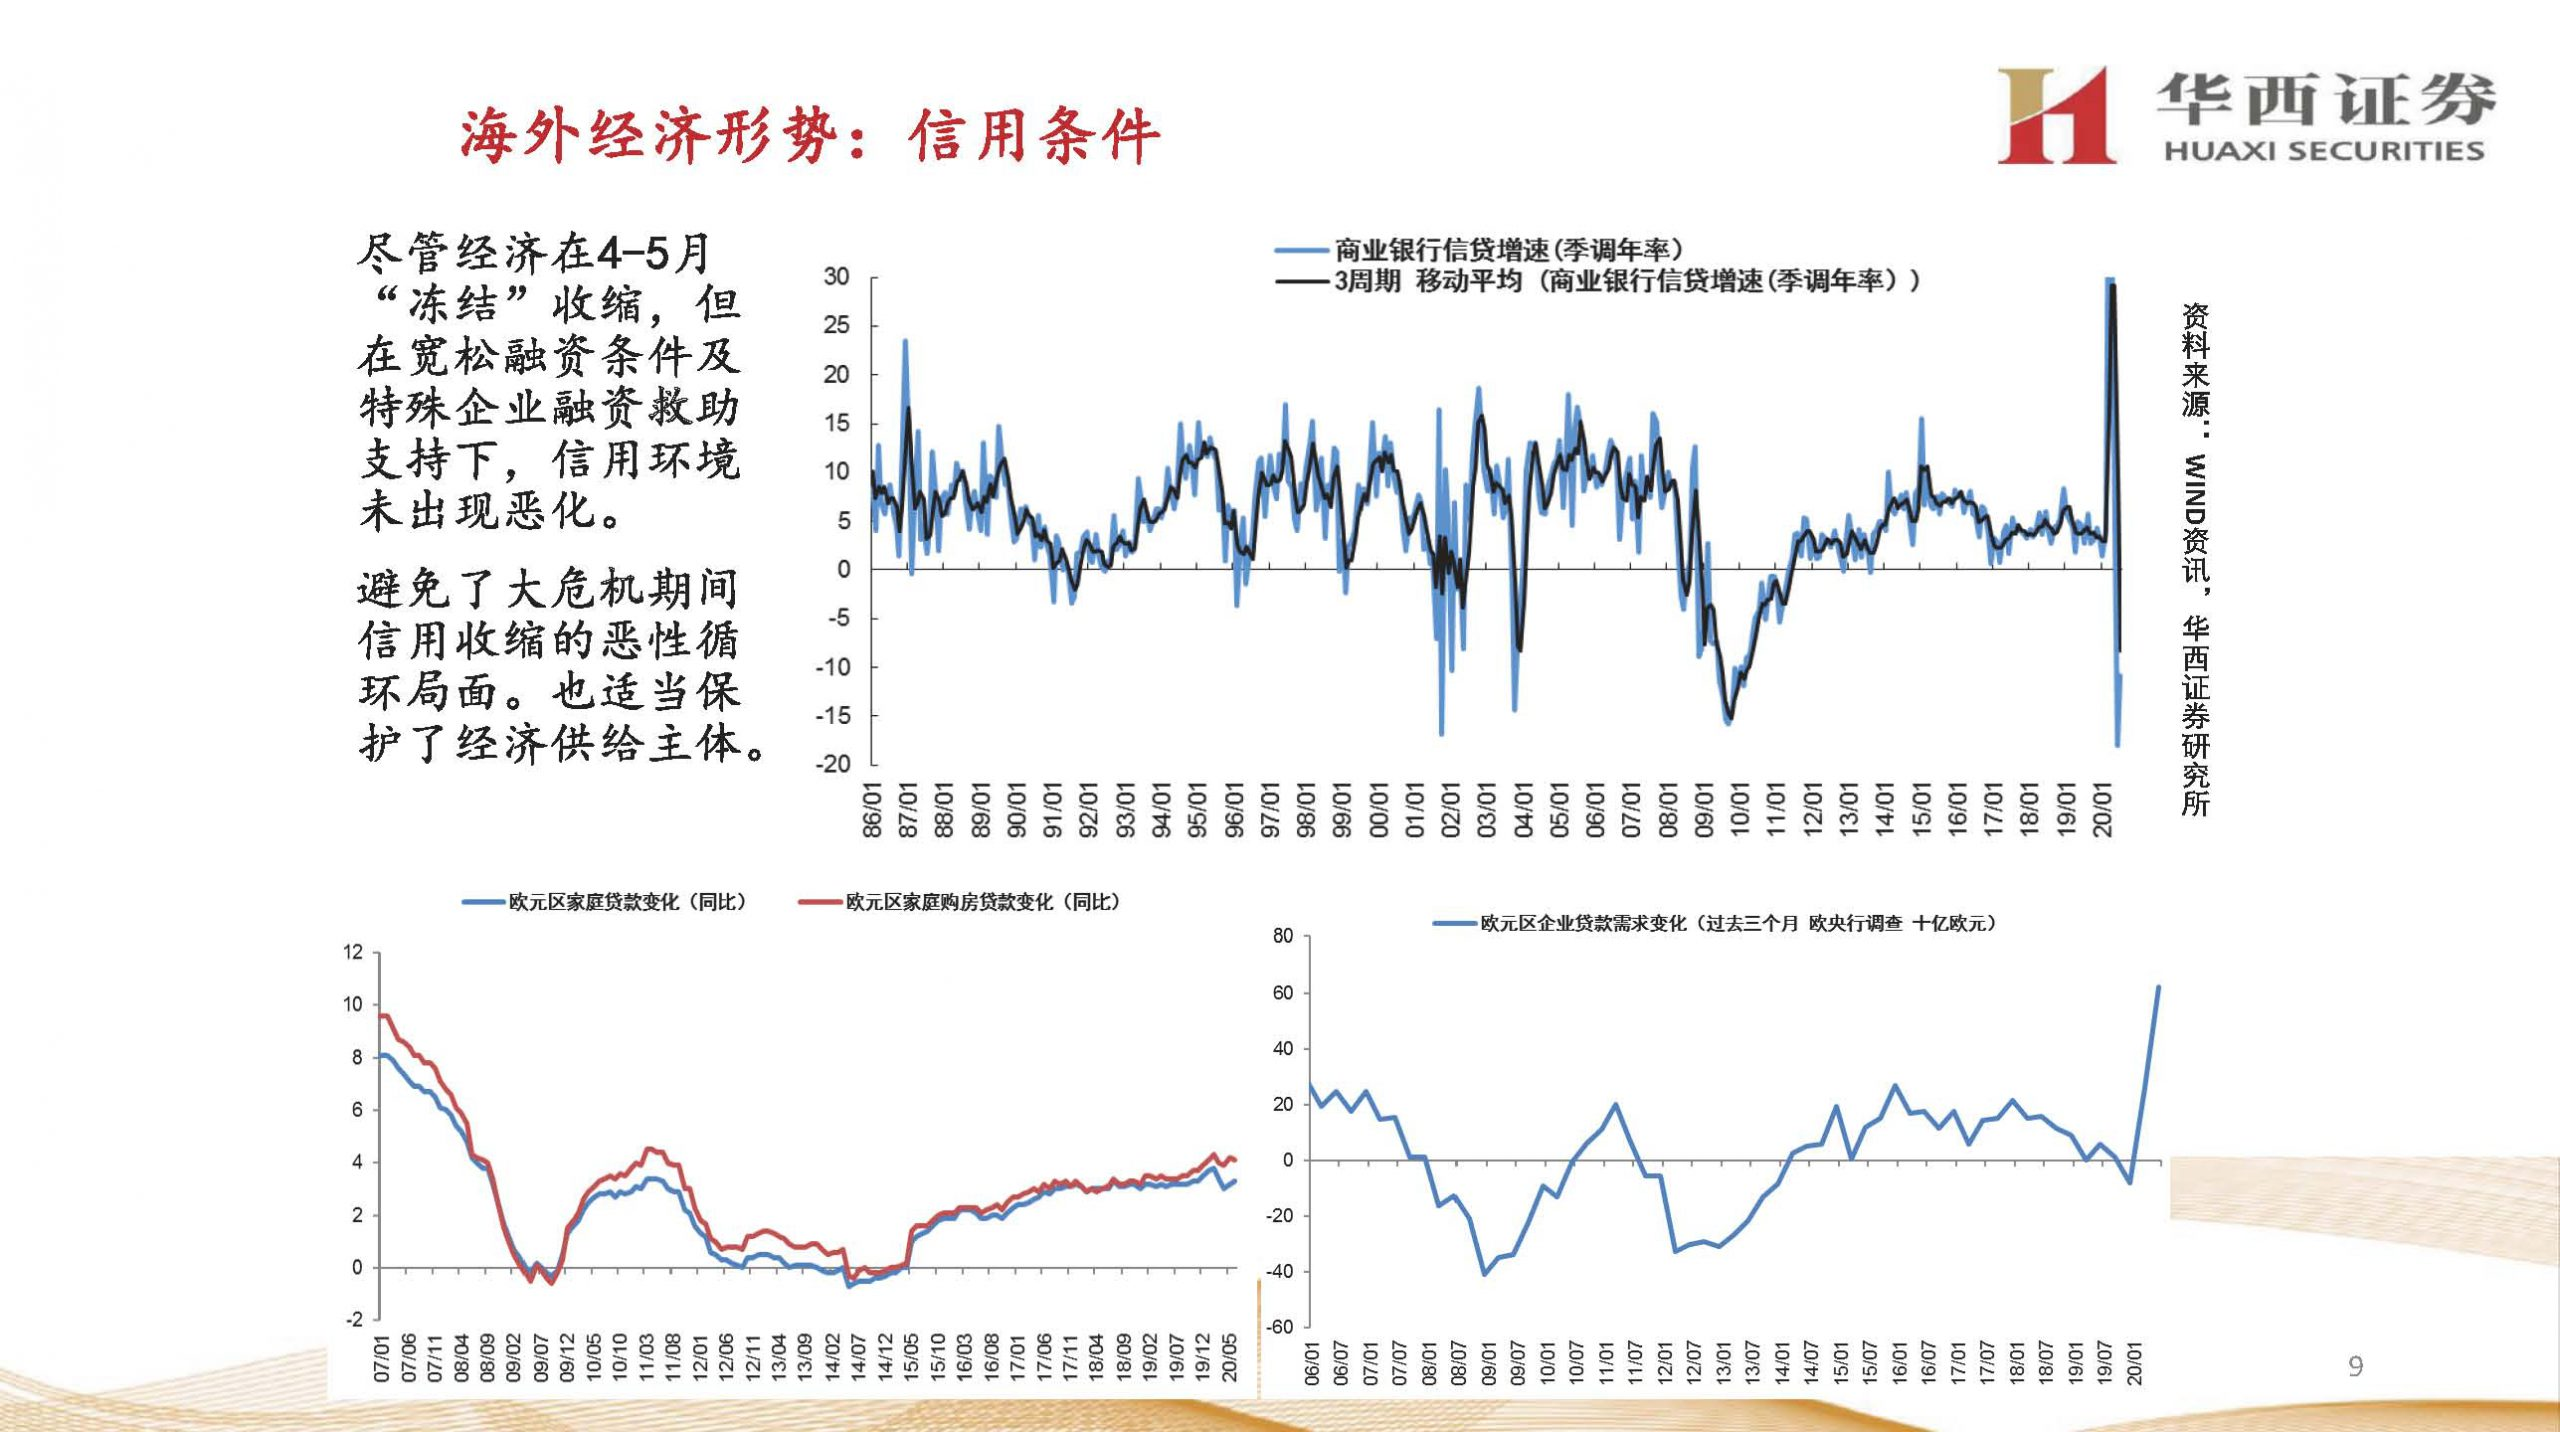 大数据研究报告,华西证券-2021年宏观经济及大类资产展望:疫霾渐退,复苏同步!